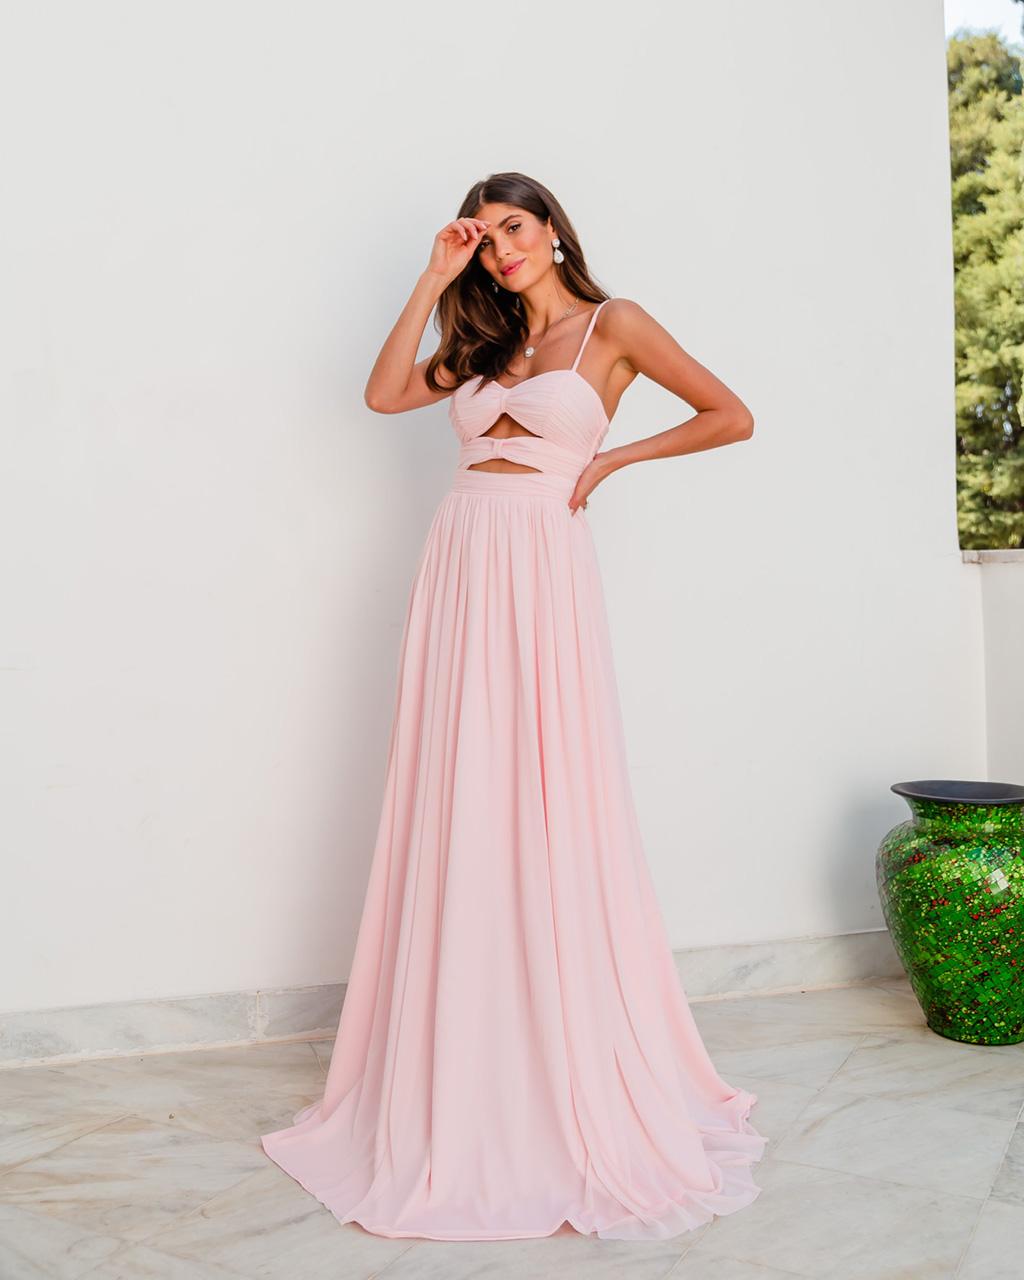 Vestido Selena  - Empório NM